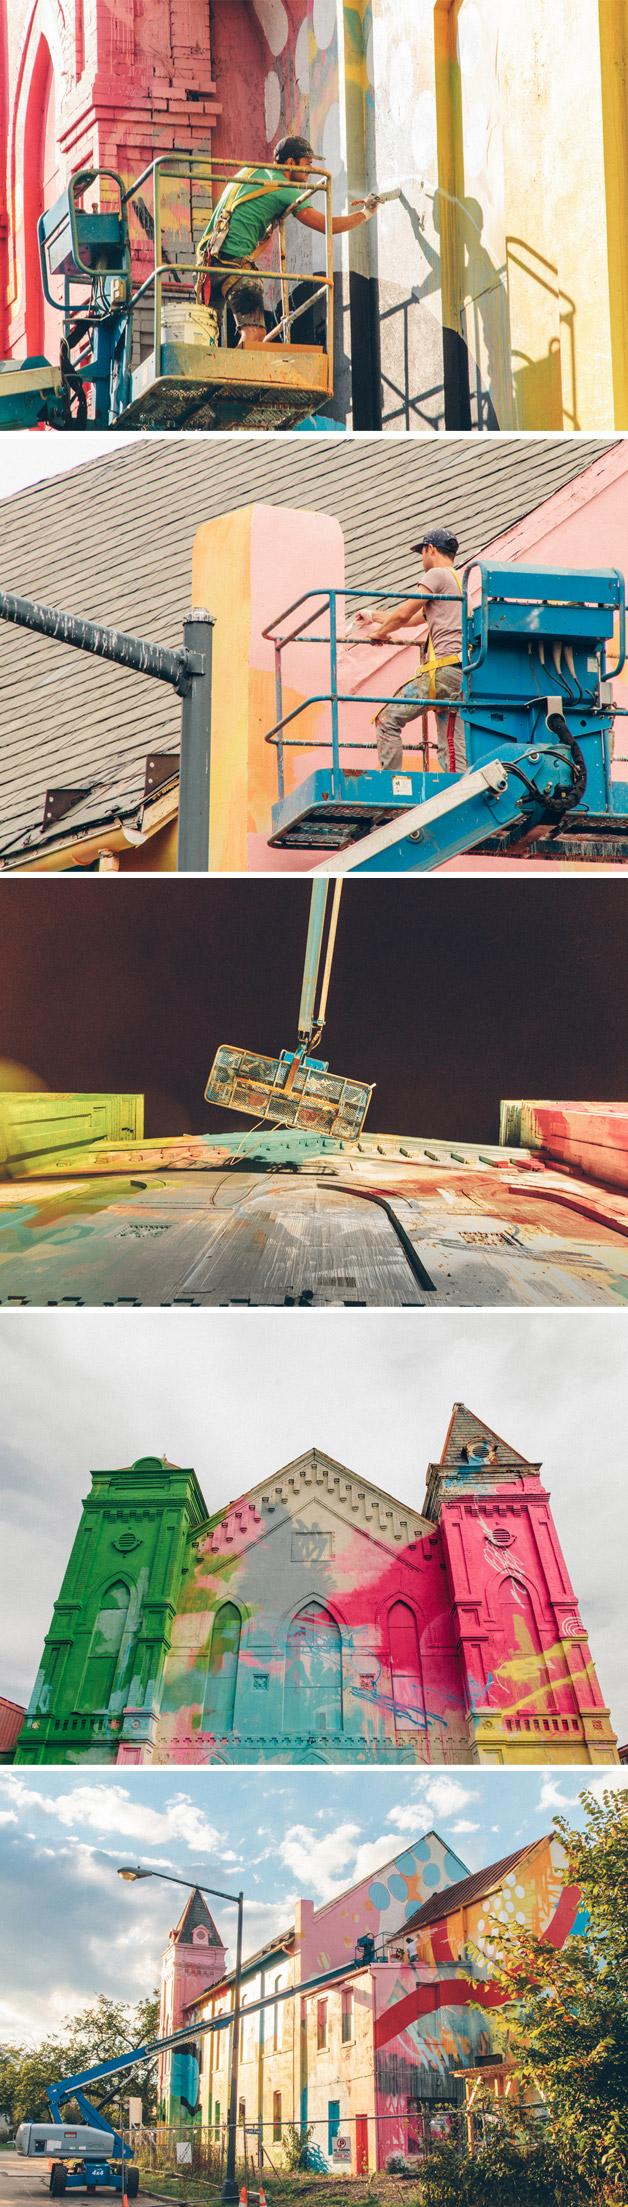 igreja-graffiti-hense-02